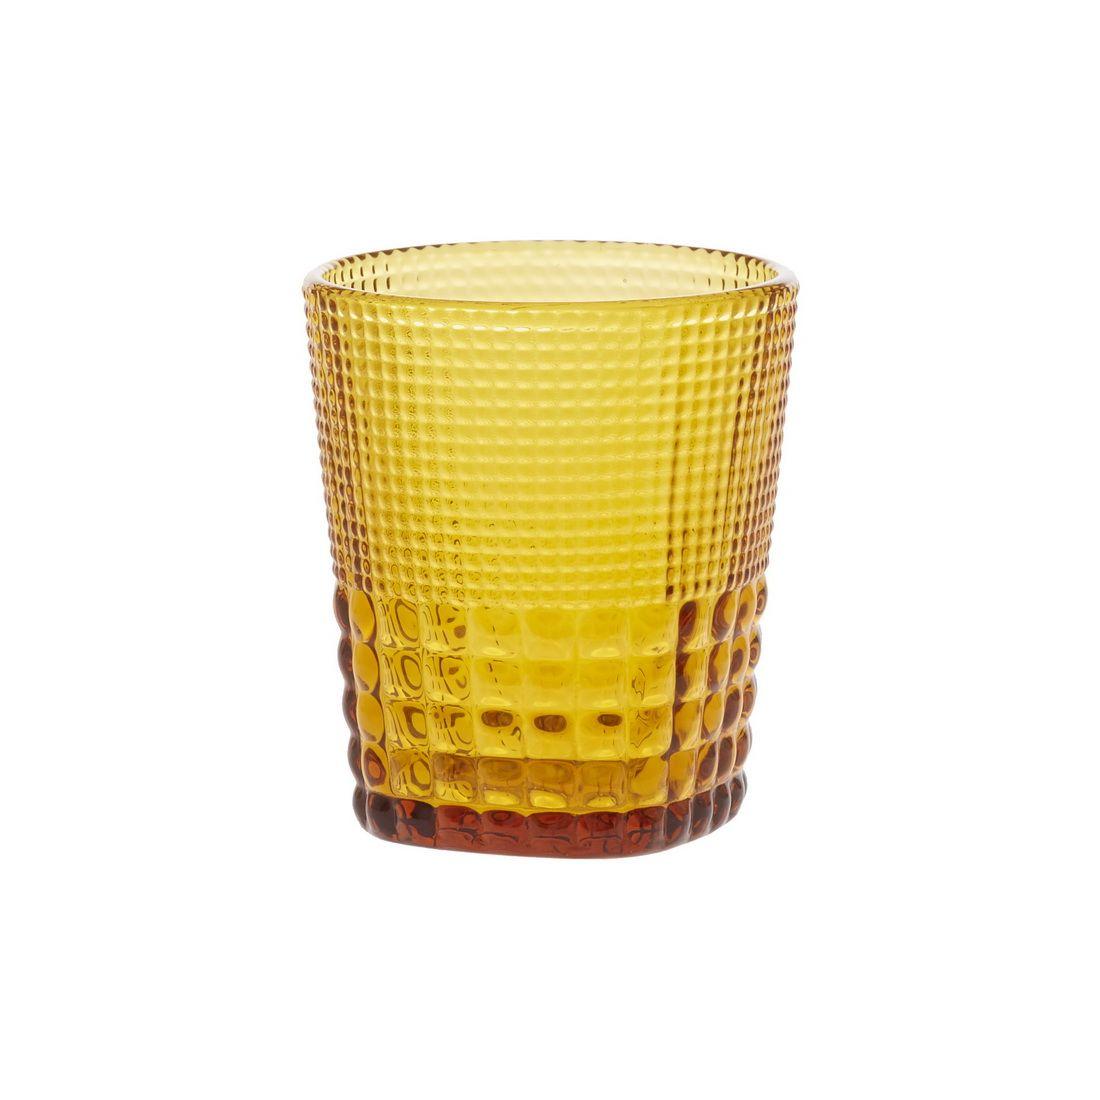 Стакан для напитков Royal drops, янтарь<br>